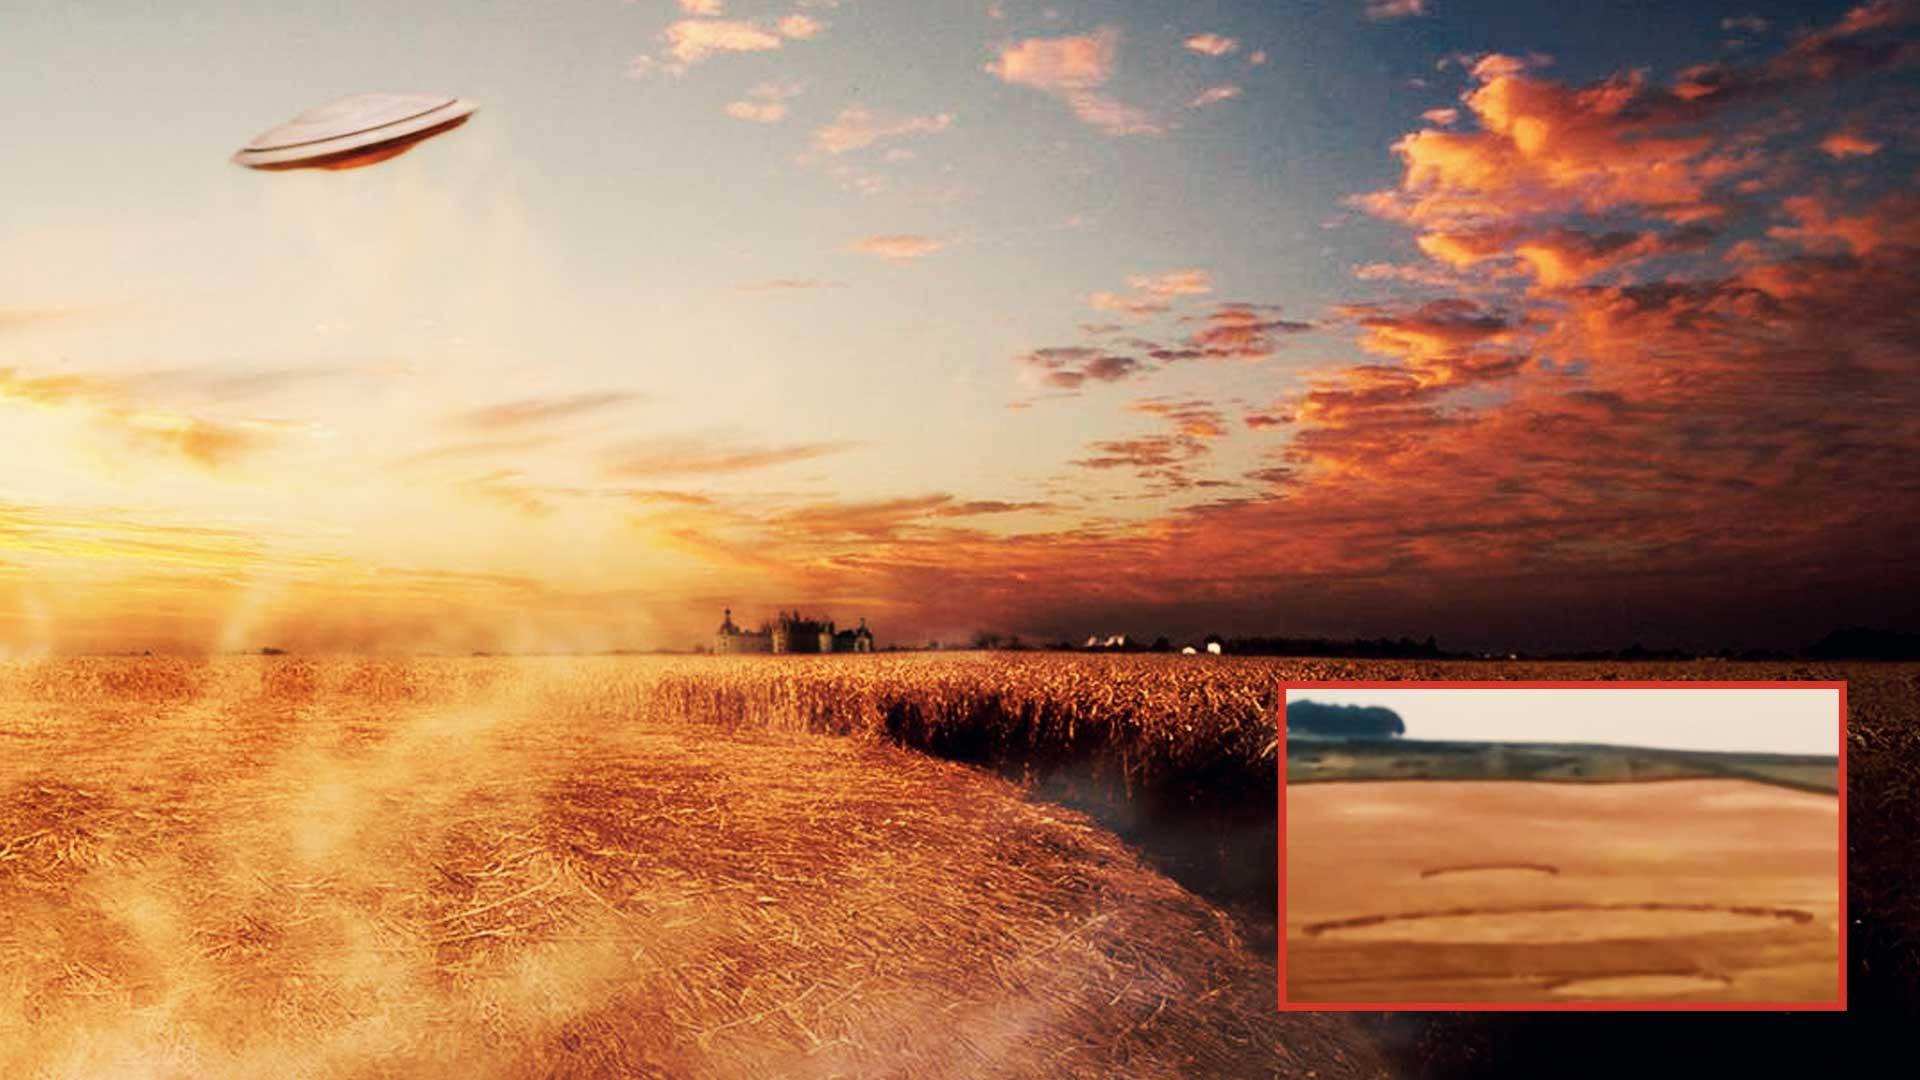 Capturan en vídeo un mensaje extraterrestre en forma de Crop Circle